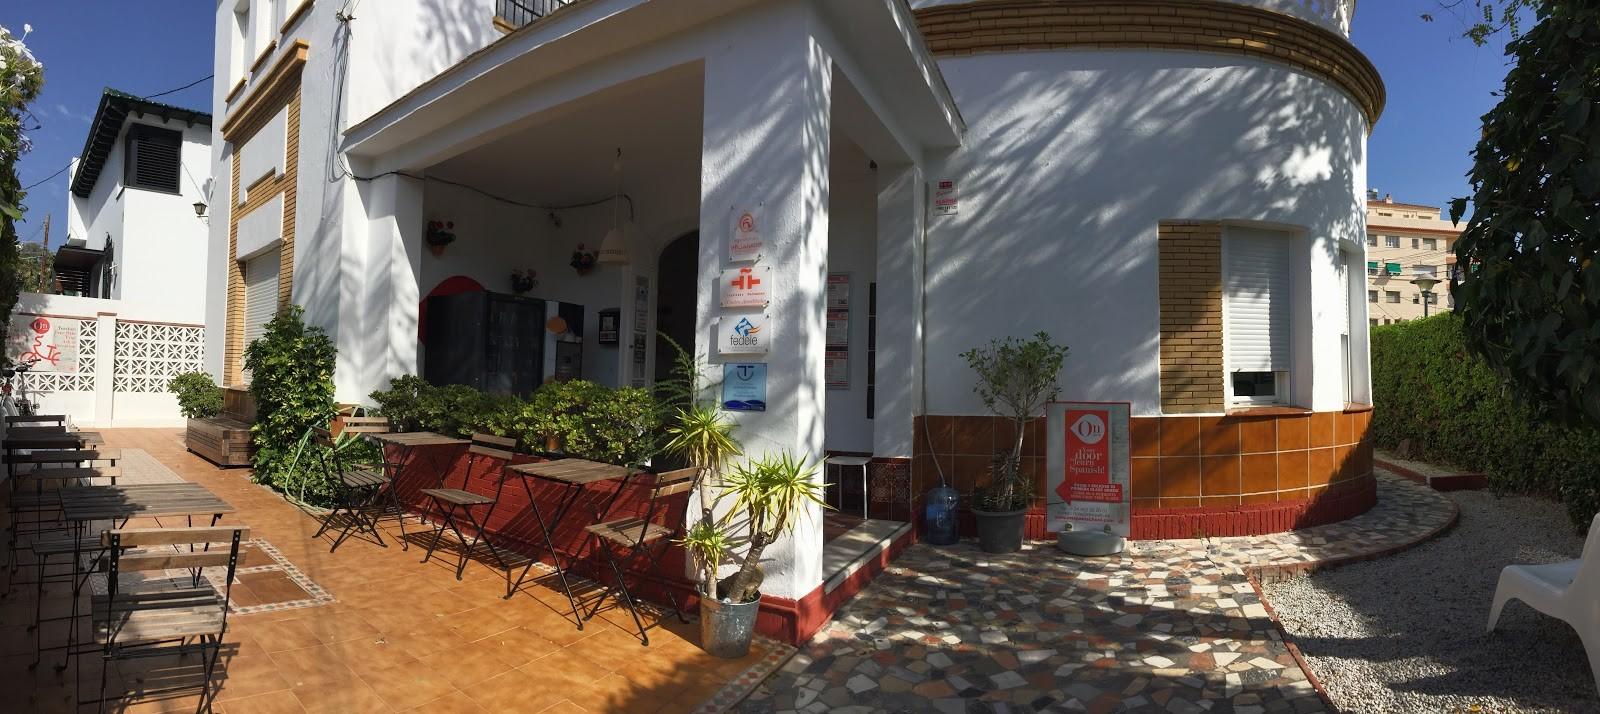 Spanisch lernen in einer Sprachschule in Spanien